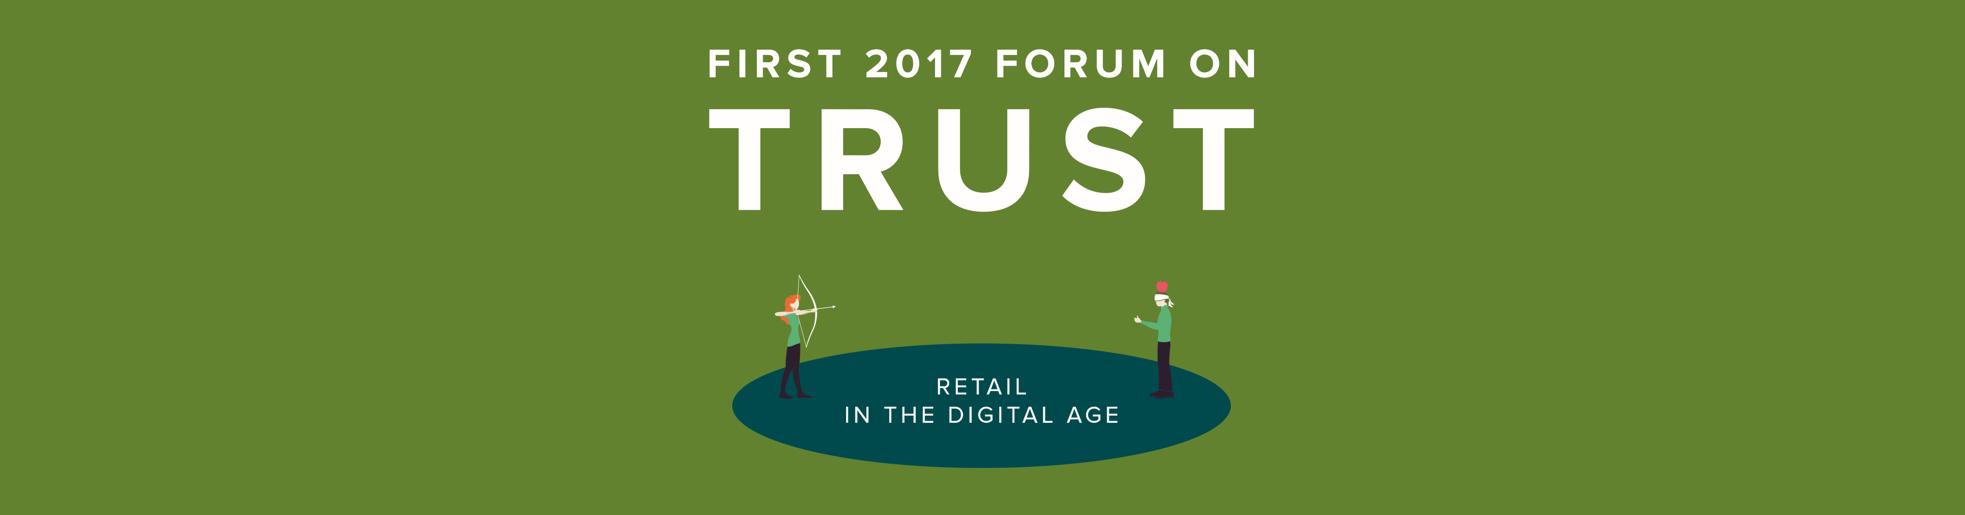 Retail Trust event